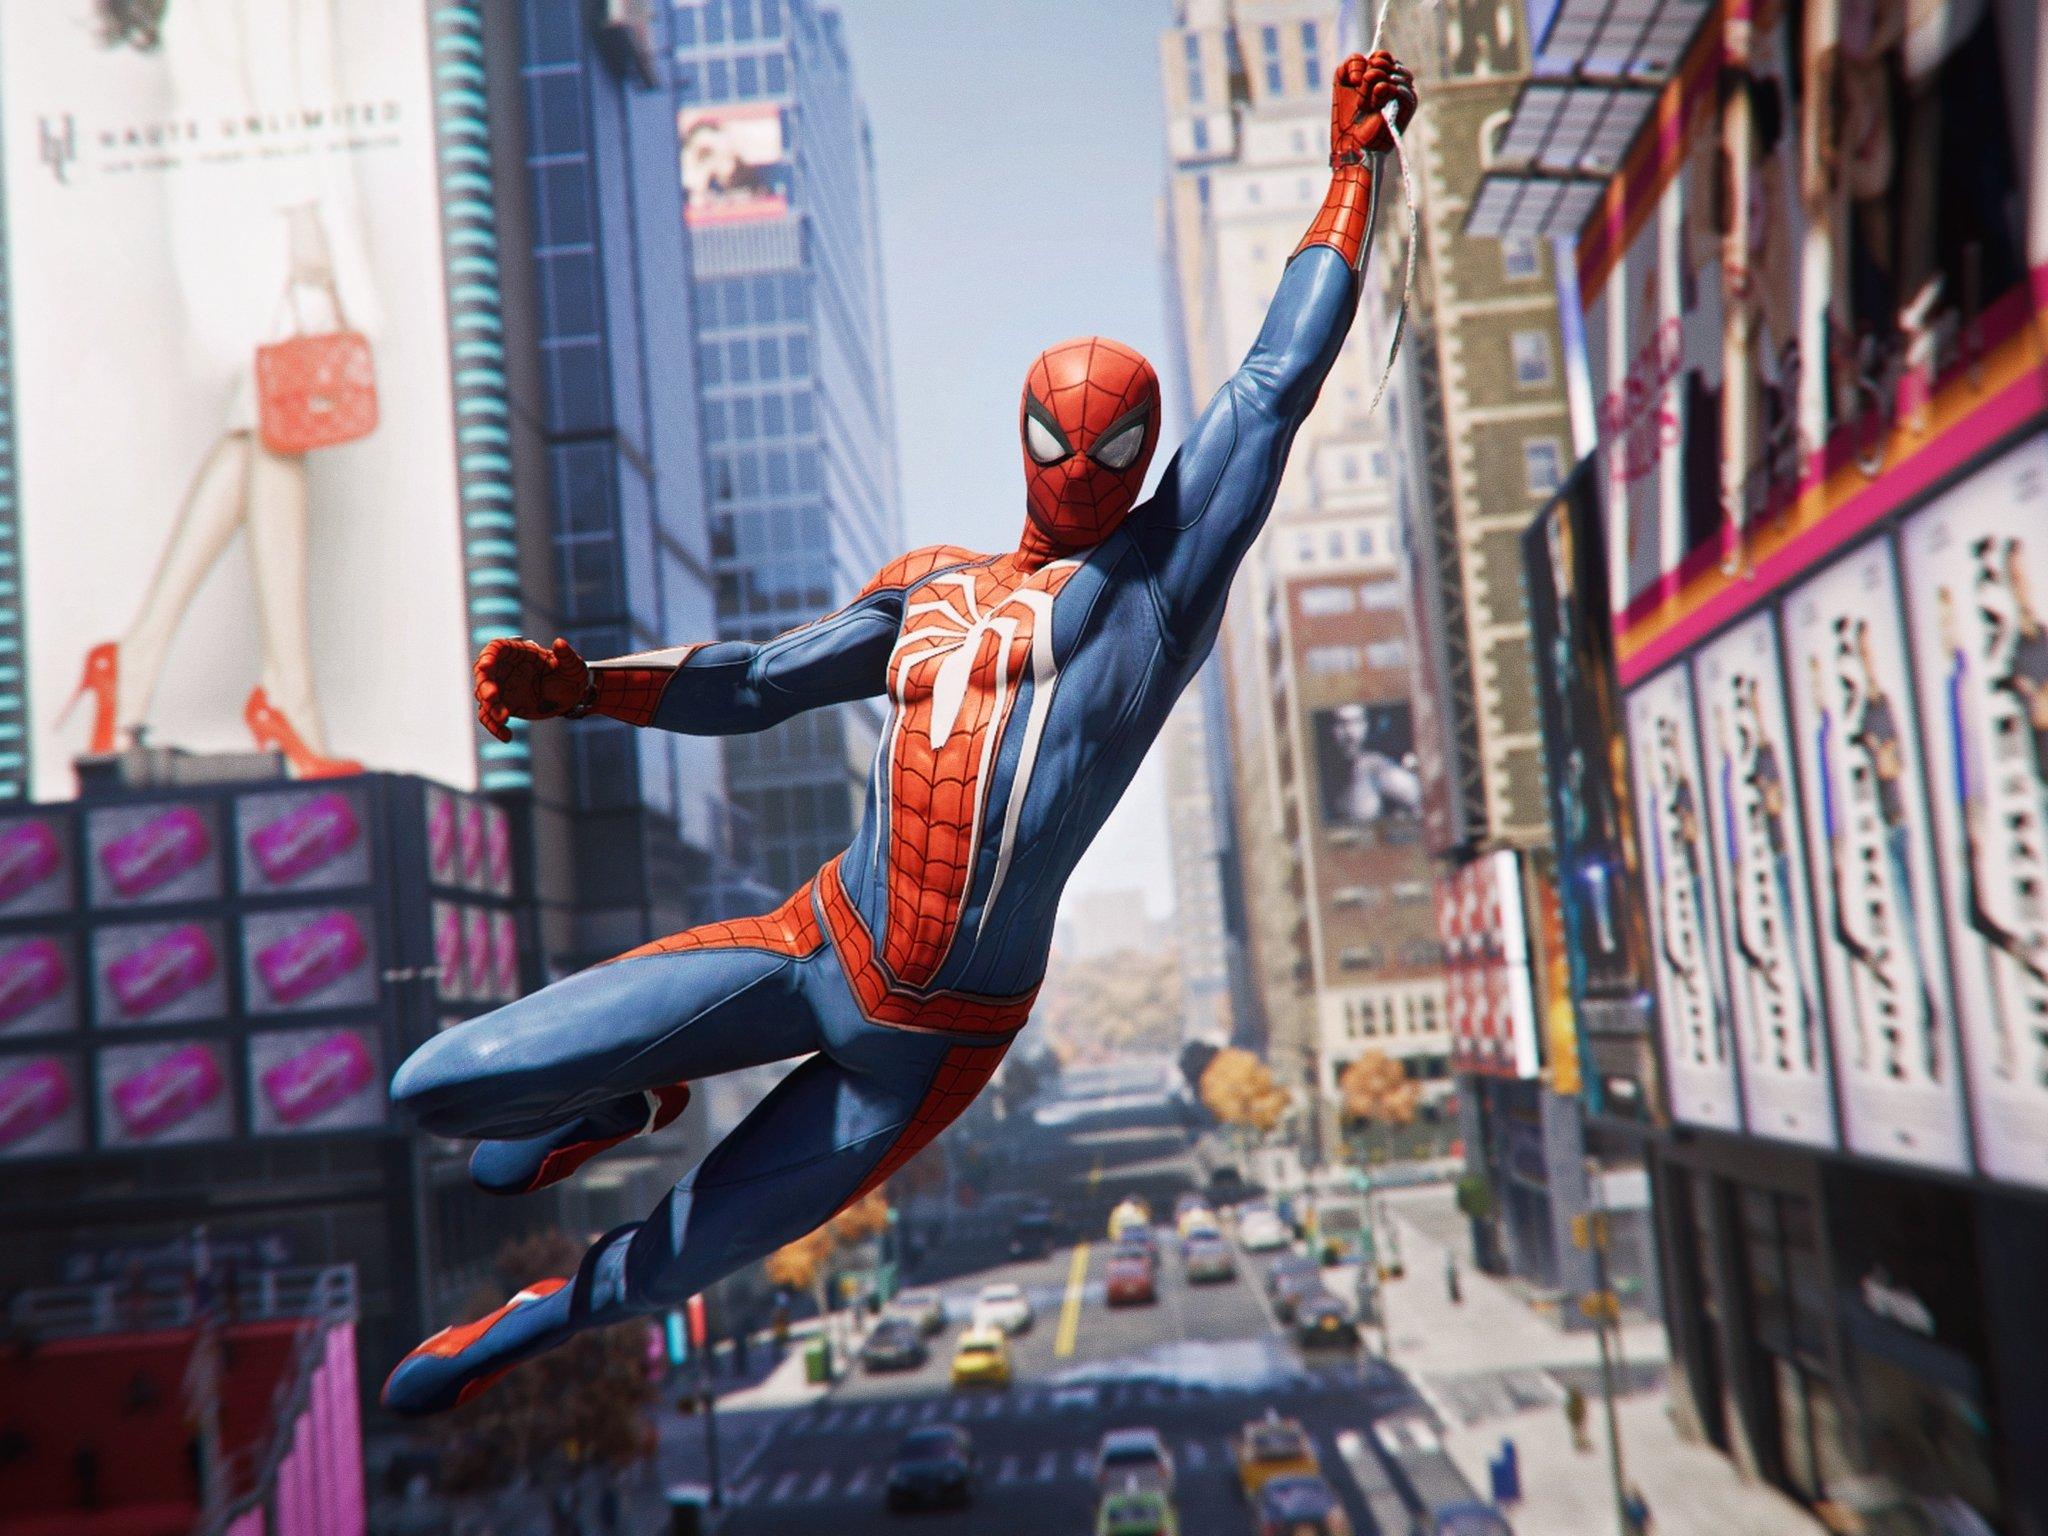 Kreativsets für Kinder String it Spiderman Spiel Deutsch 2018 Bastel- & Kreativ-Bedarf für Kinder